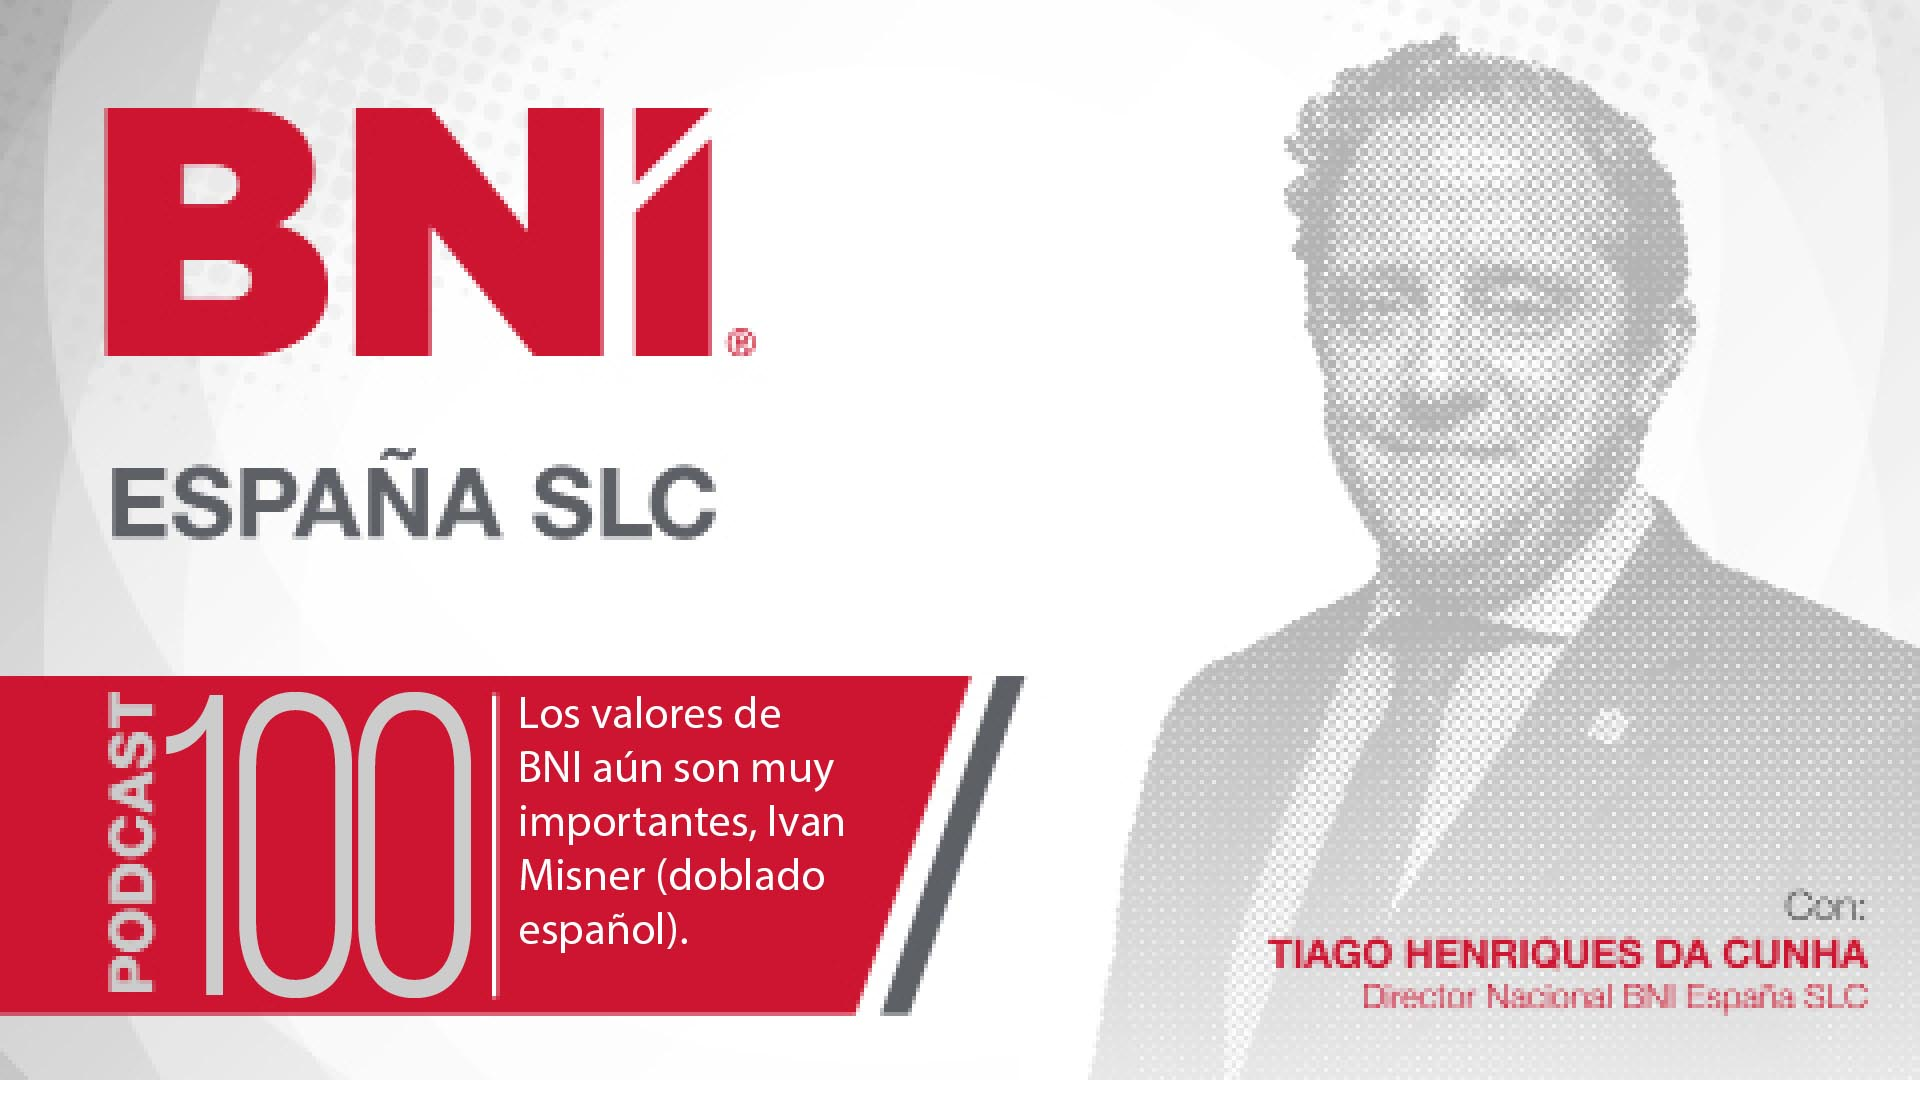 EPISODIO 100 – LOS VALORES DE BNI AUN SON MUY IMPORTANTES, IVAN MISNER (DOBLADO ESPAÑOL)